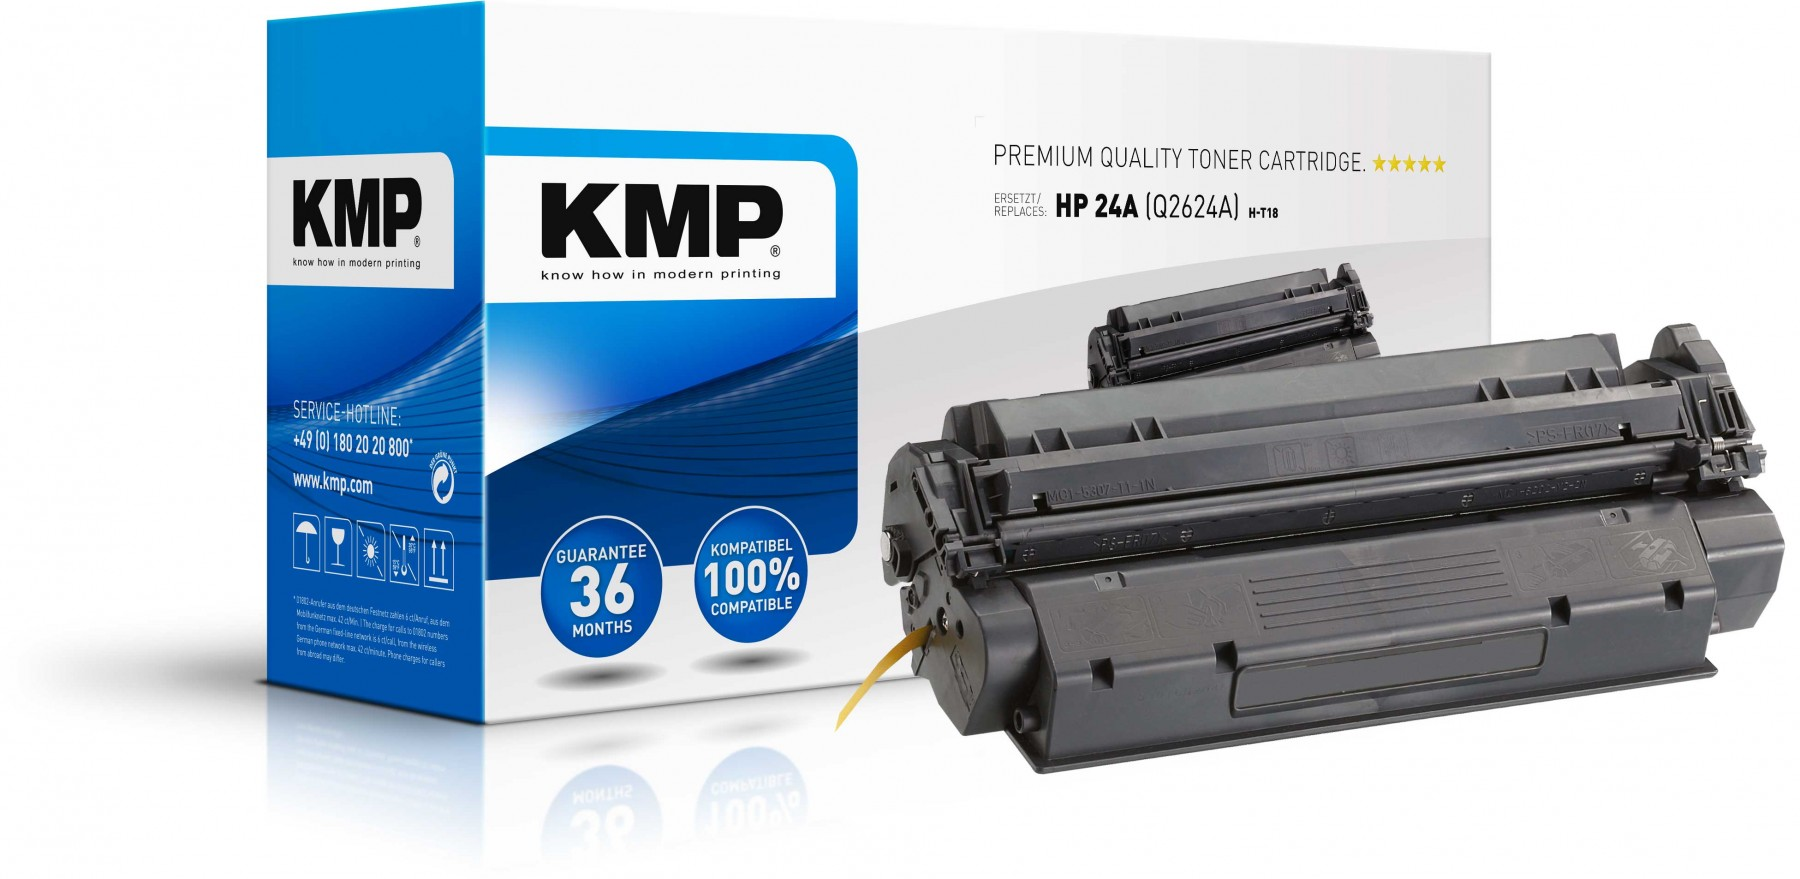 HP LaserJet Q2624A Toner Compatible